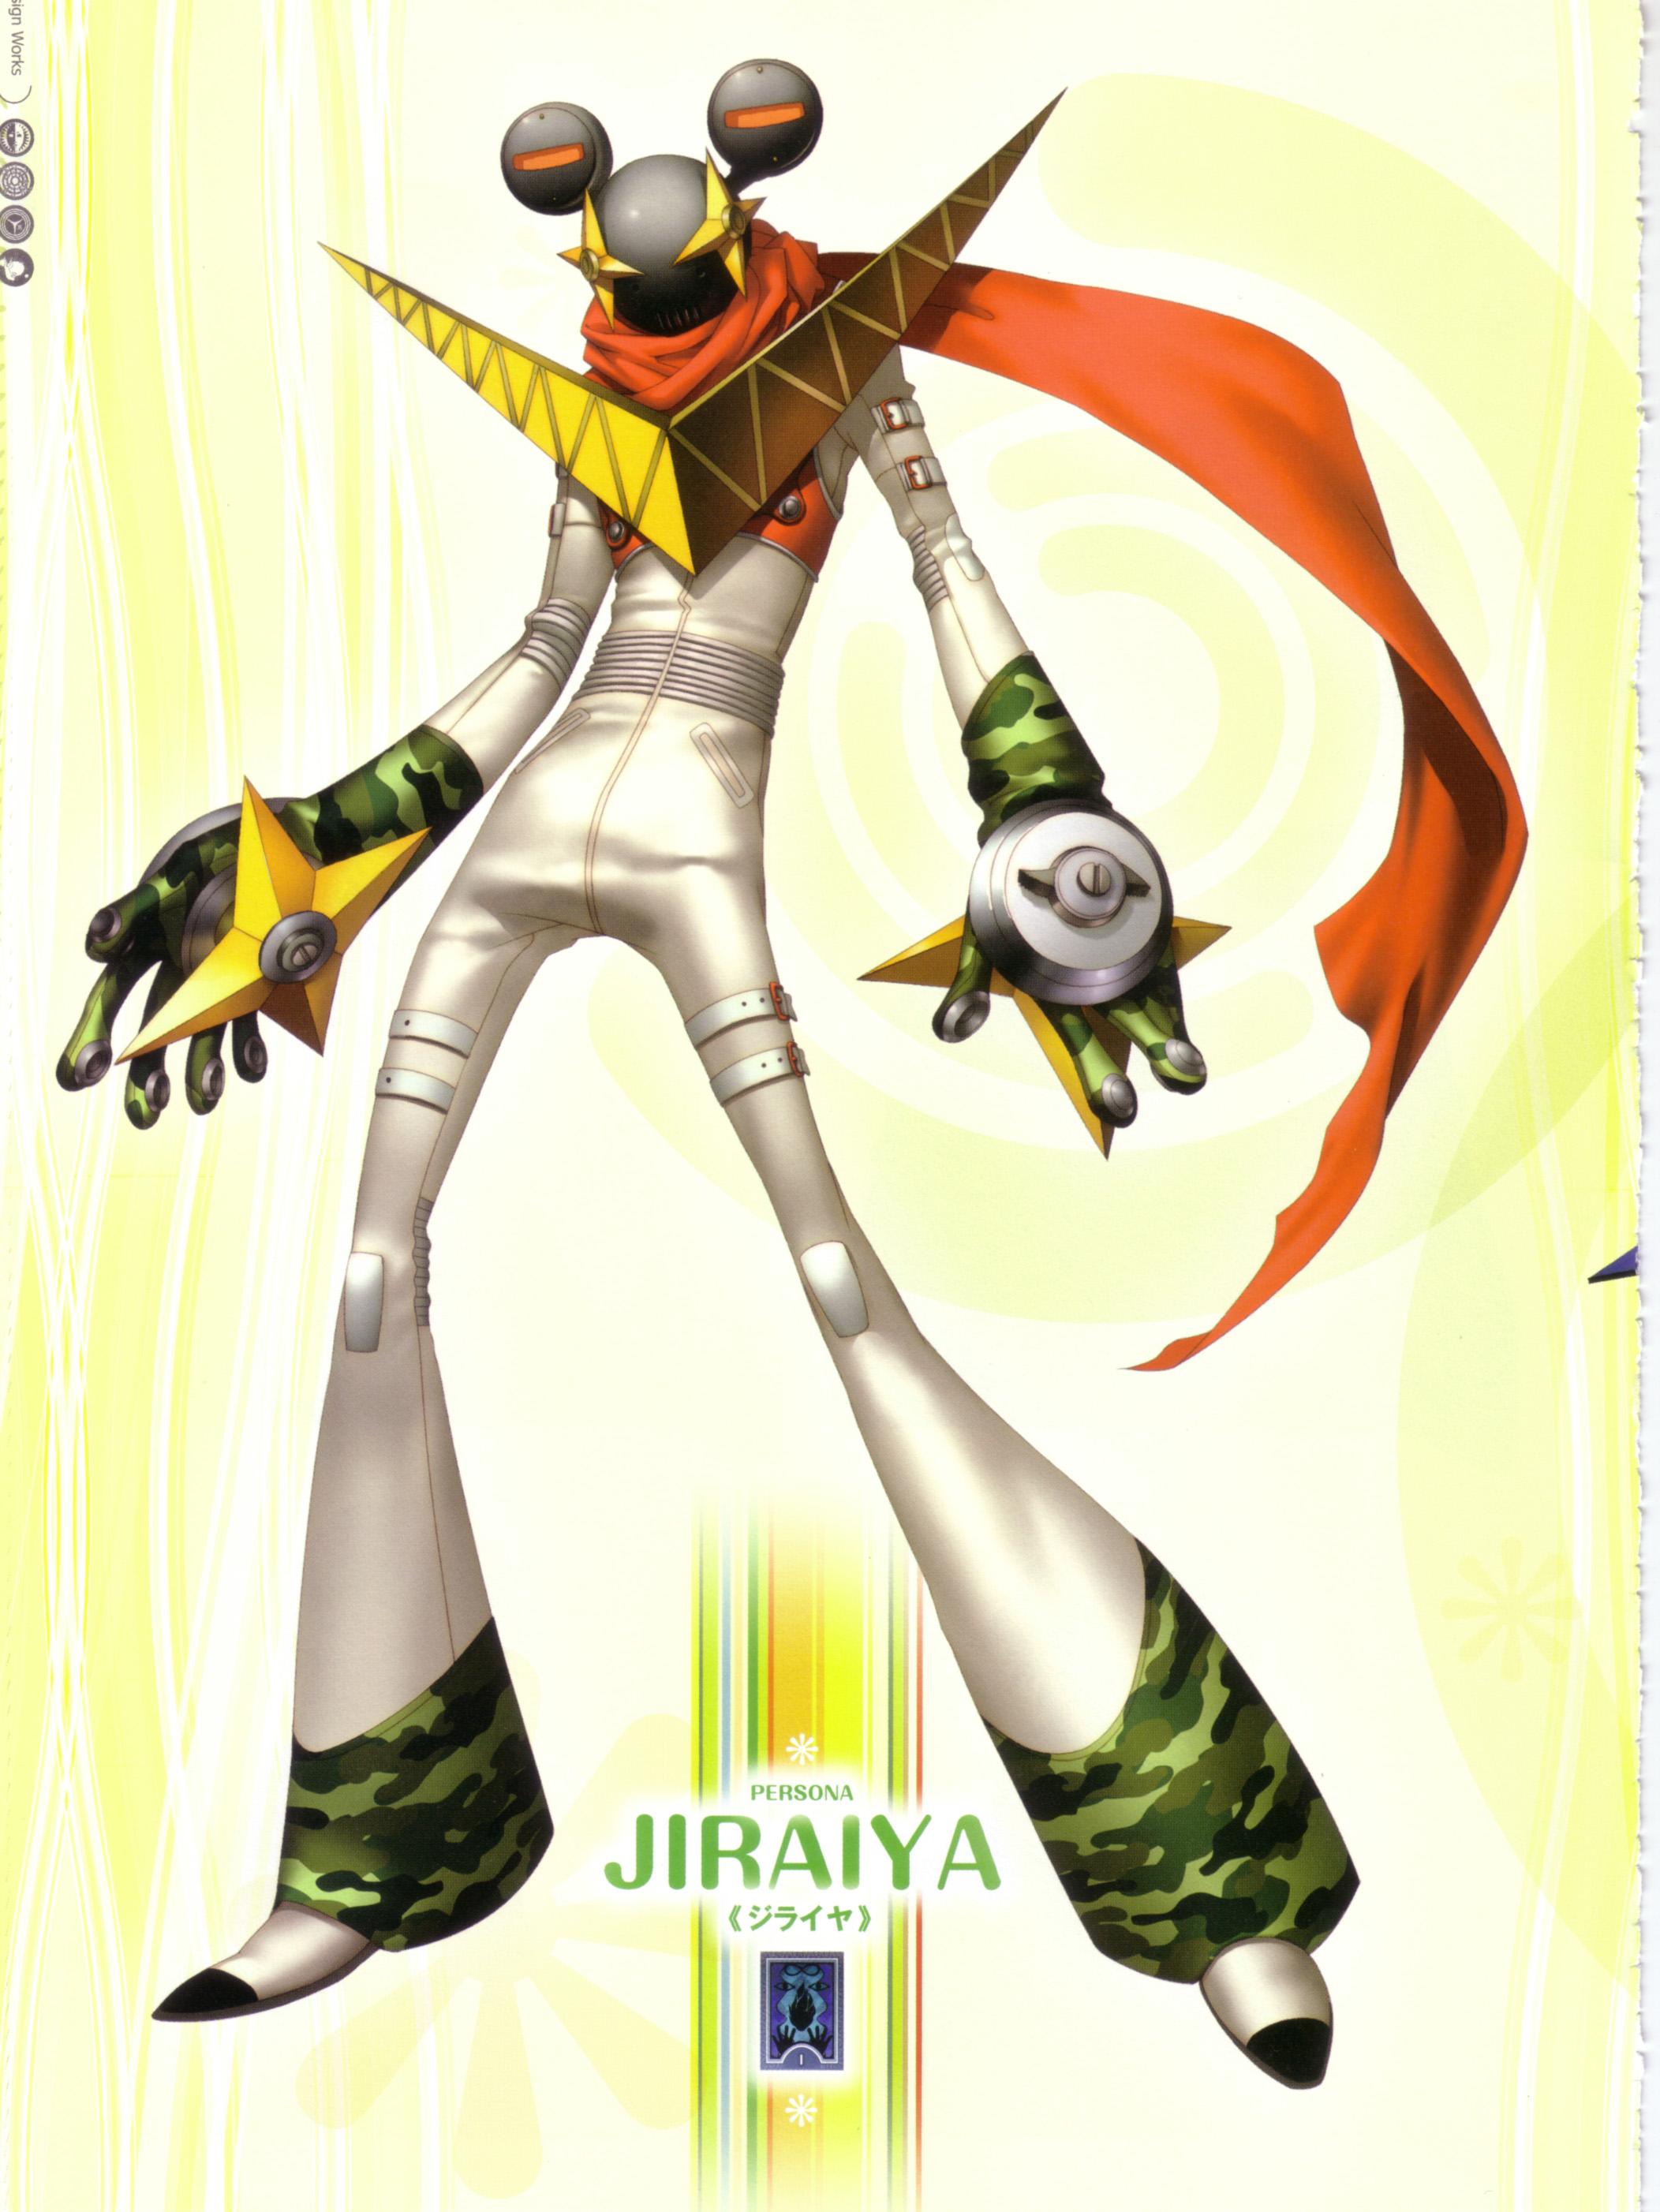 Jiraiya (Persona 4) - Wallpaper and Scan Gallery - Minitokyo